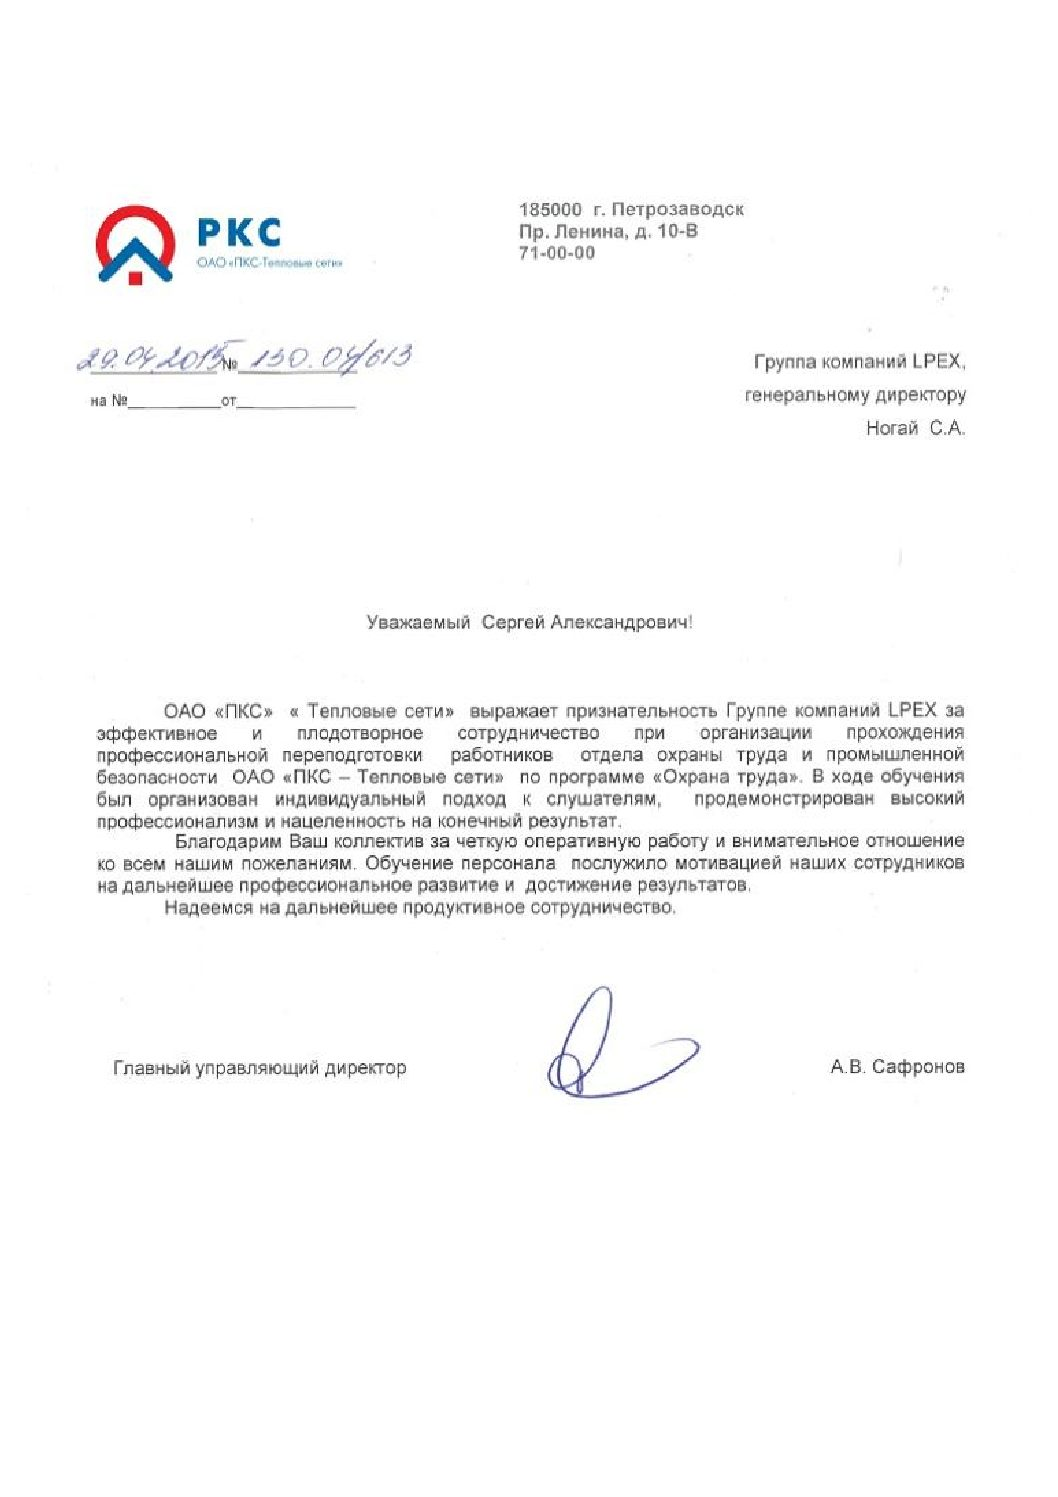 ОАО ПКС